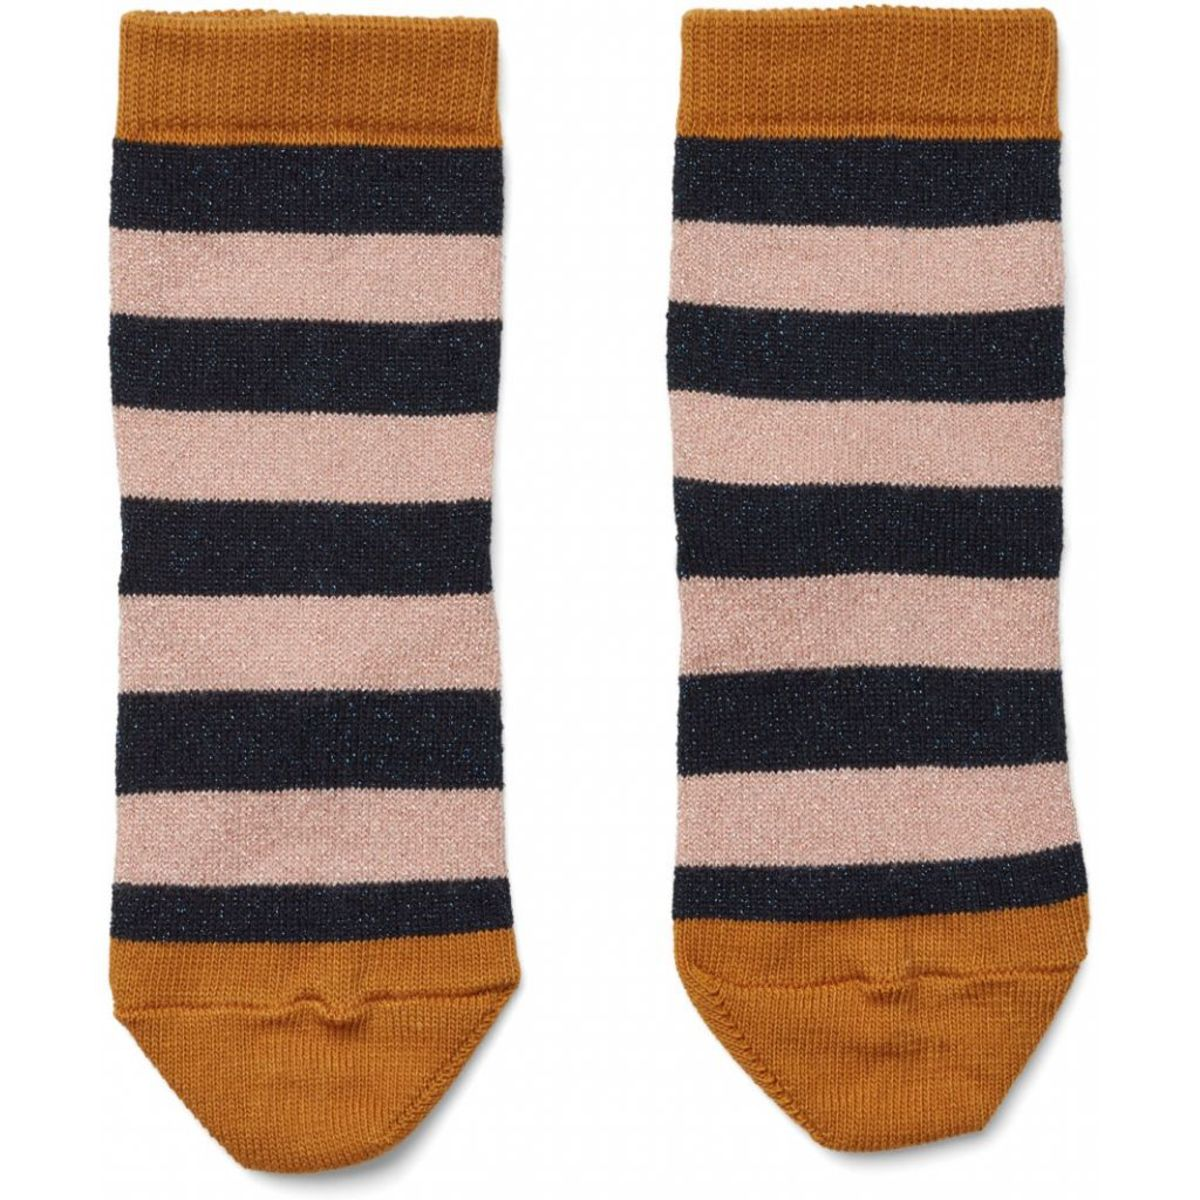 Accessoires Bébé Chaussettes Silas Stripes Rose & Navy - 22/24 Chaussettes Silas Stripes Rose & Navy - 22/24